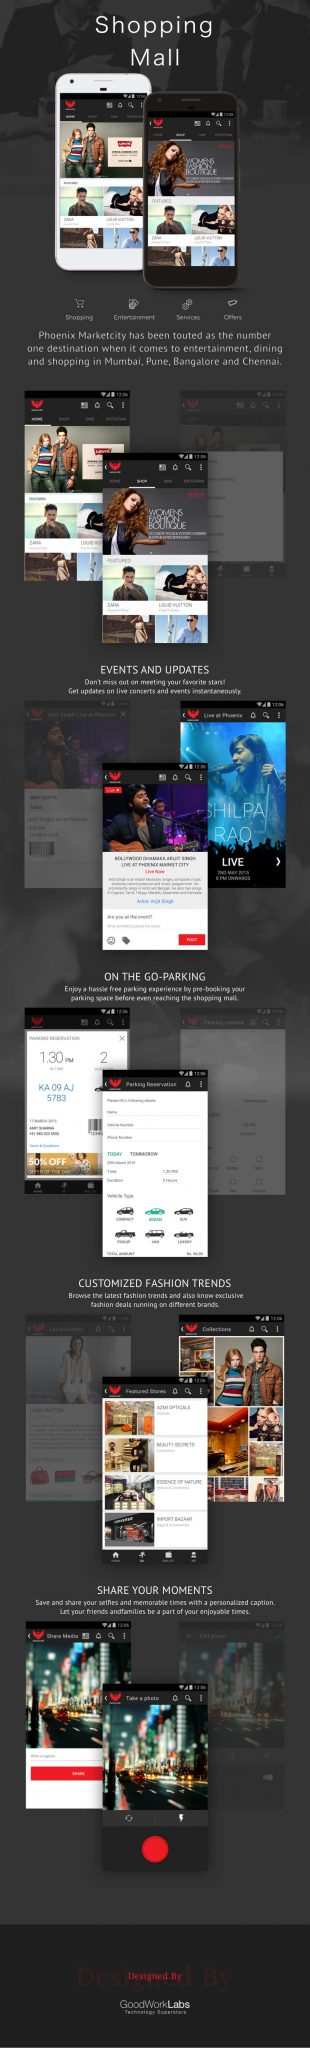 mobile app for shopping mall